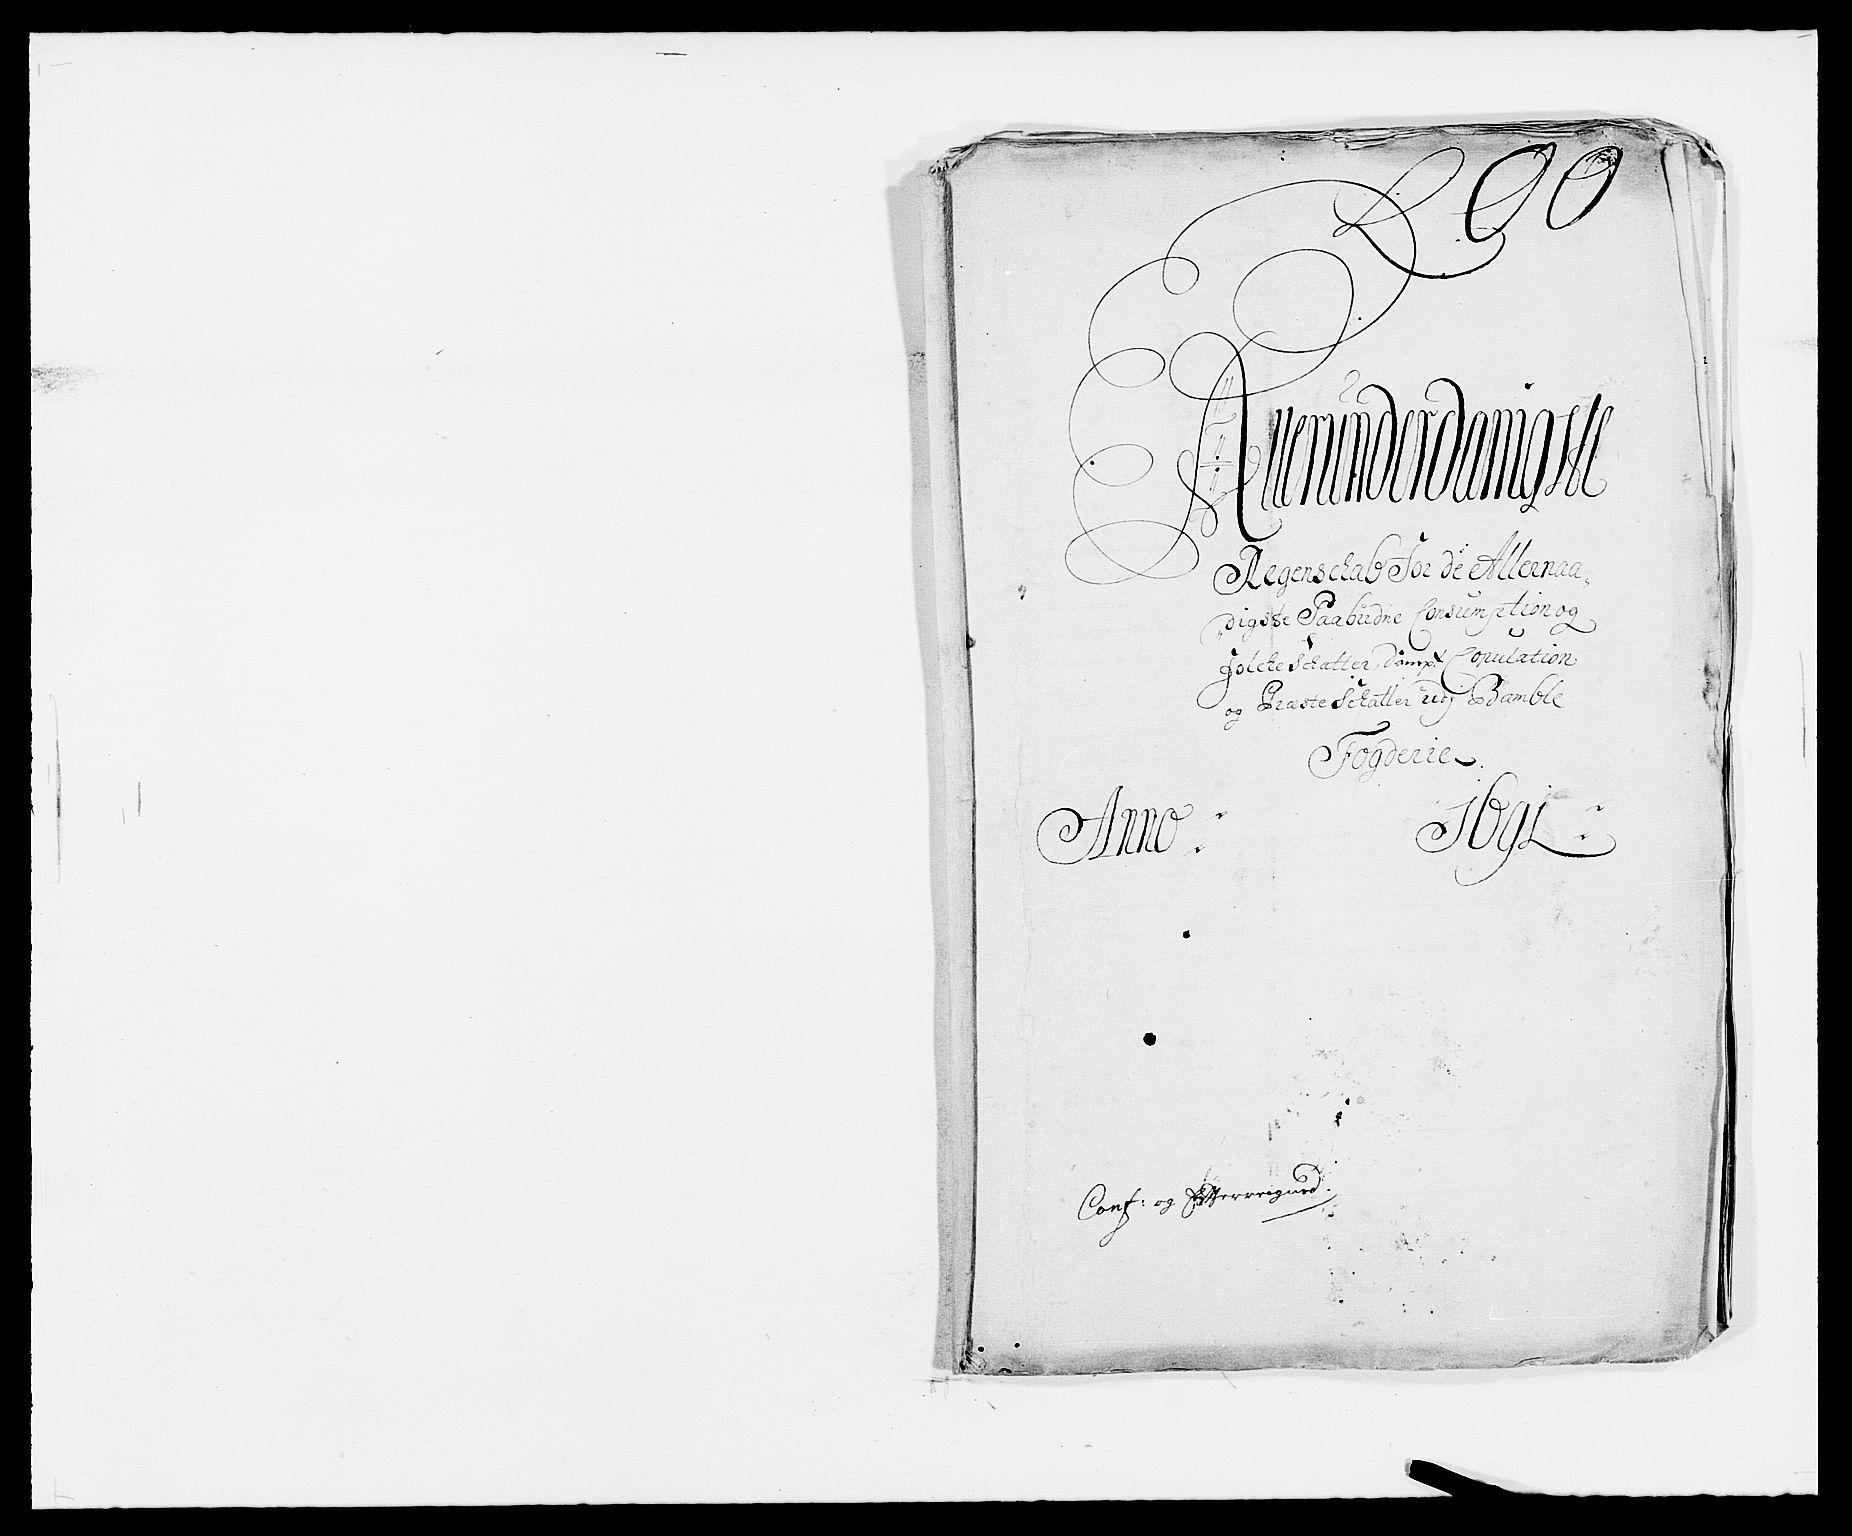 RA, Rentekammeret inntil 1814, Reviderte regnskaper, Fogderegnskap, R34/L2051: Fogderegnskap Bamble, 1688-1691, s. 248